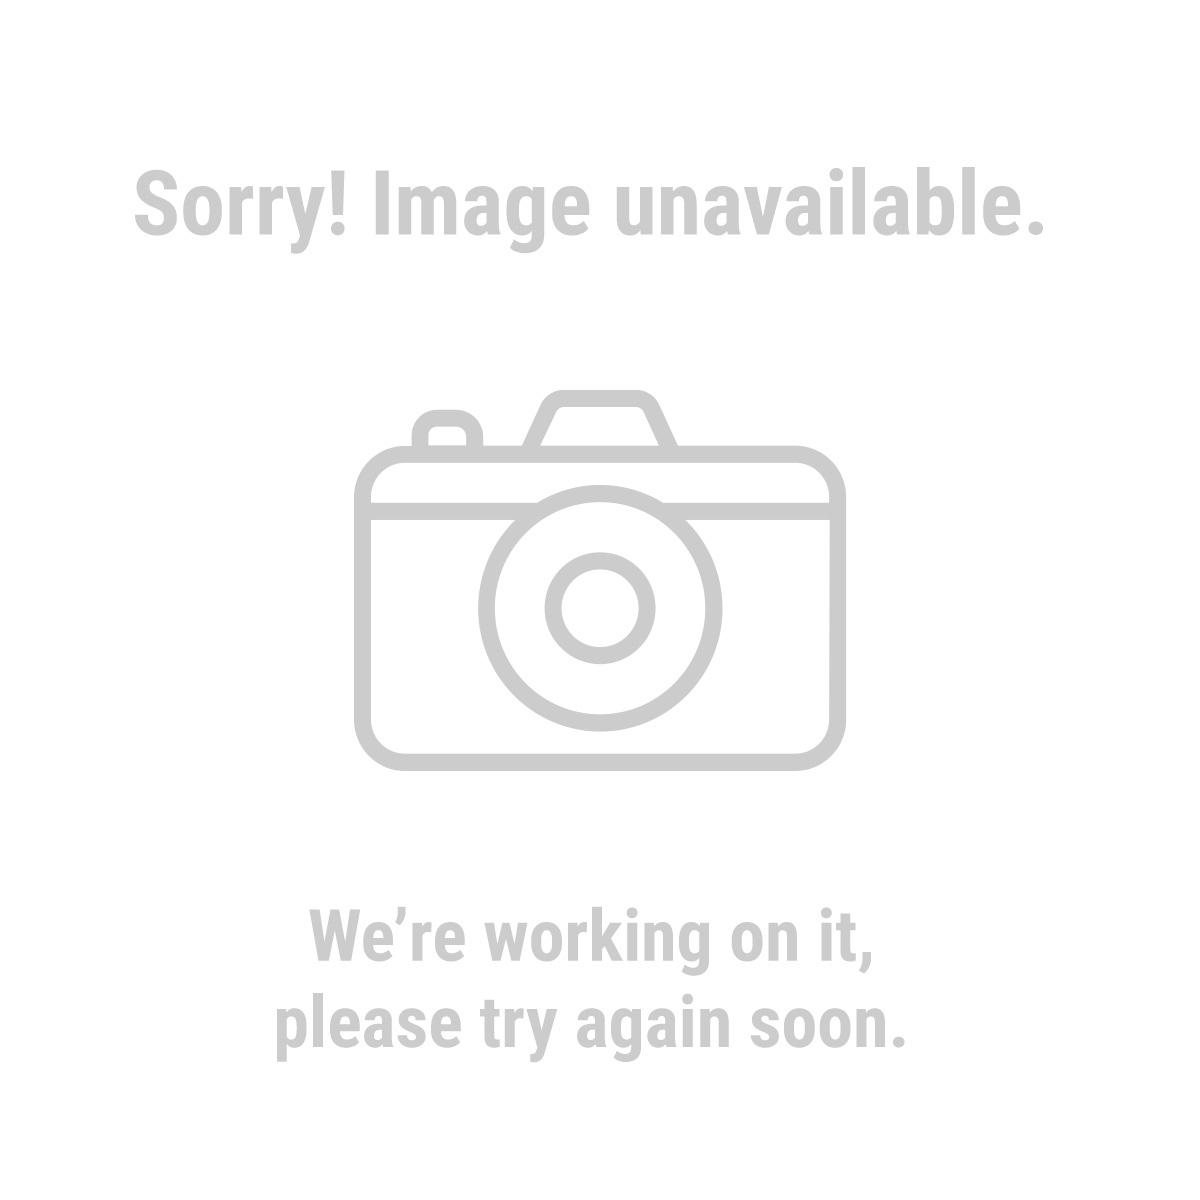 Haul-Master® 69688 500 Lb. Aluminum Cargo Carrier